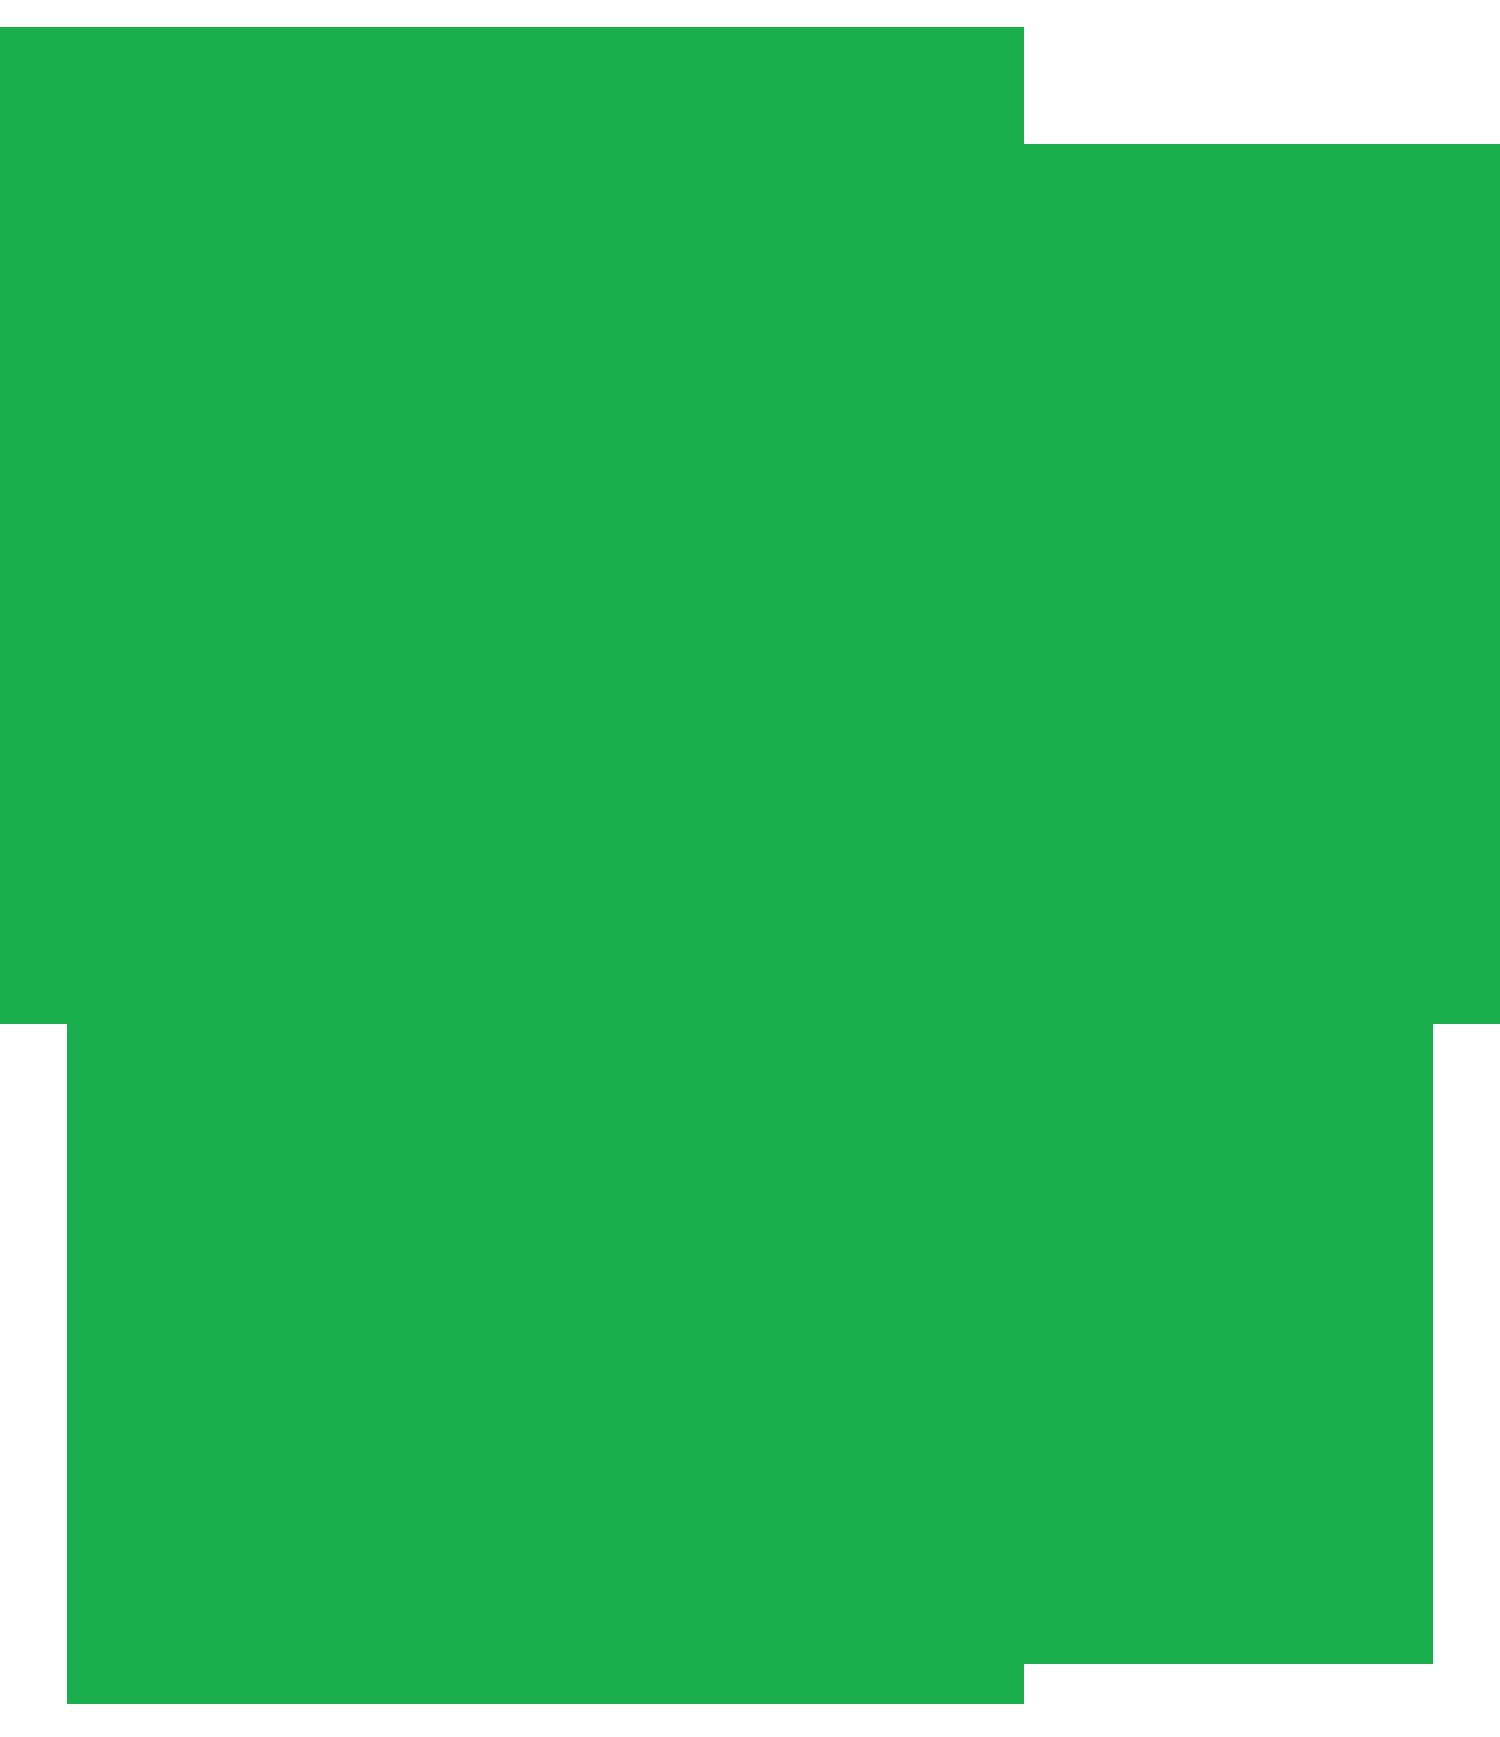 The Weed U